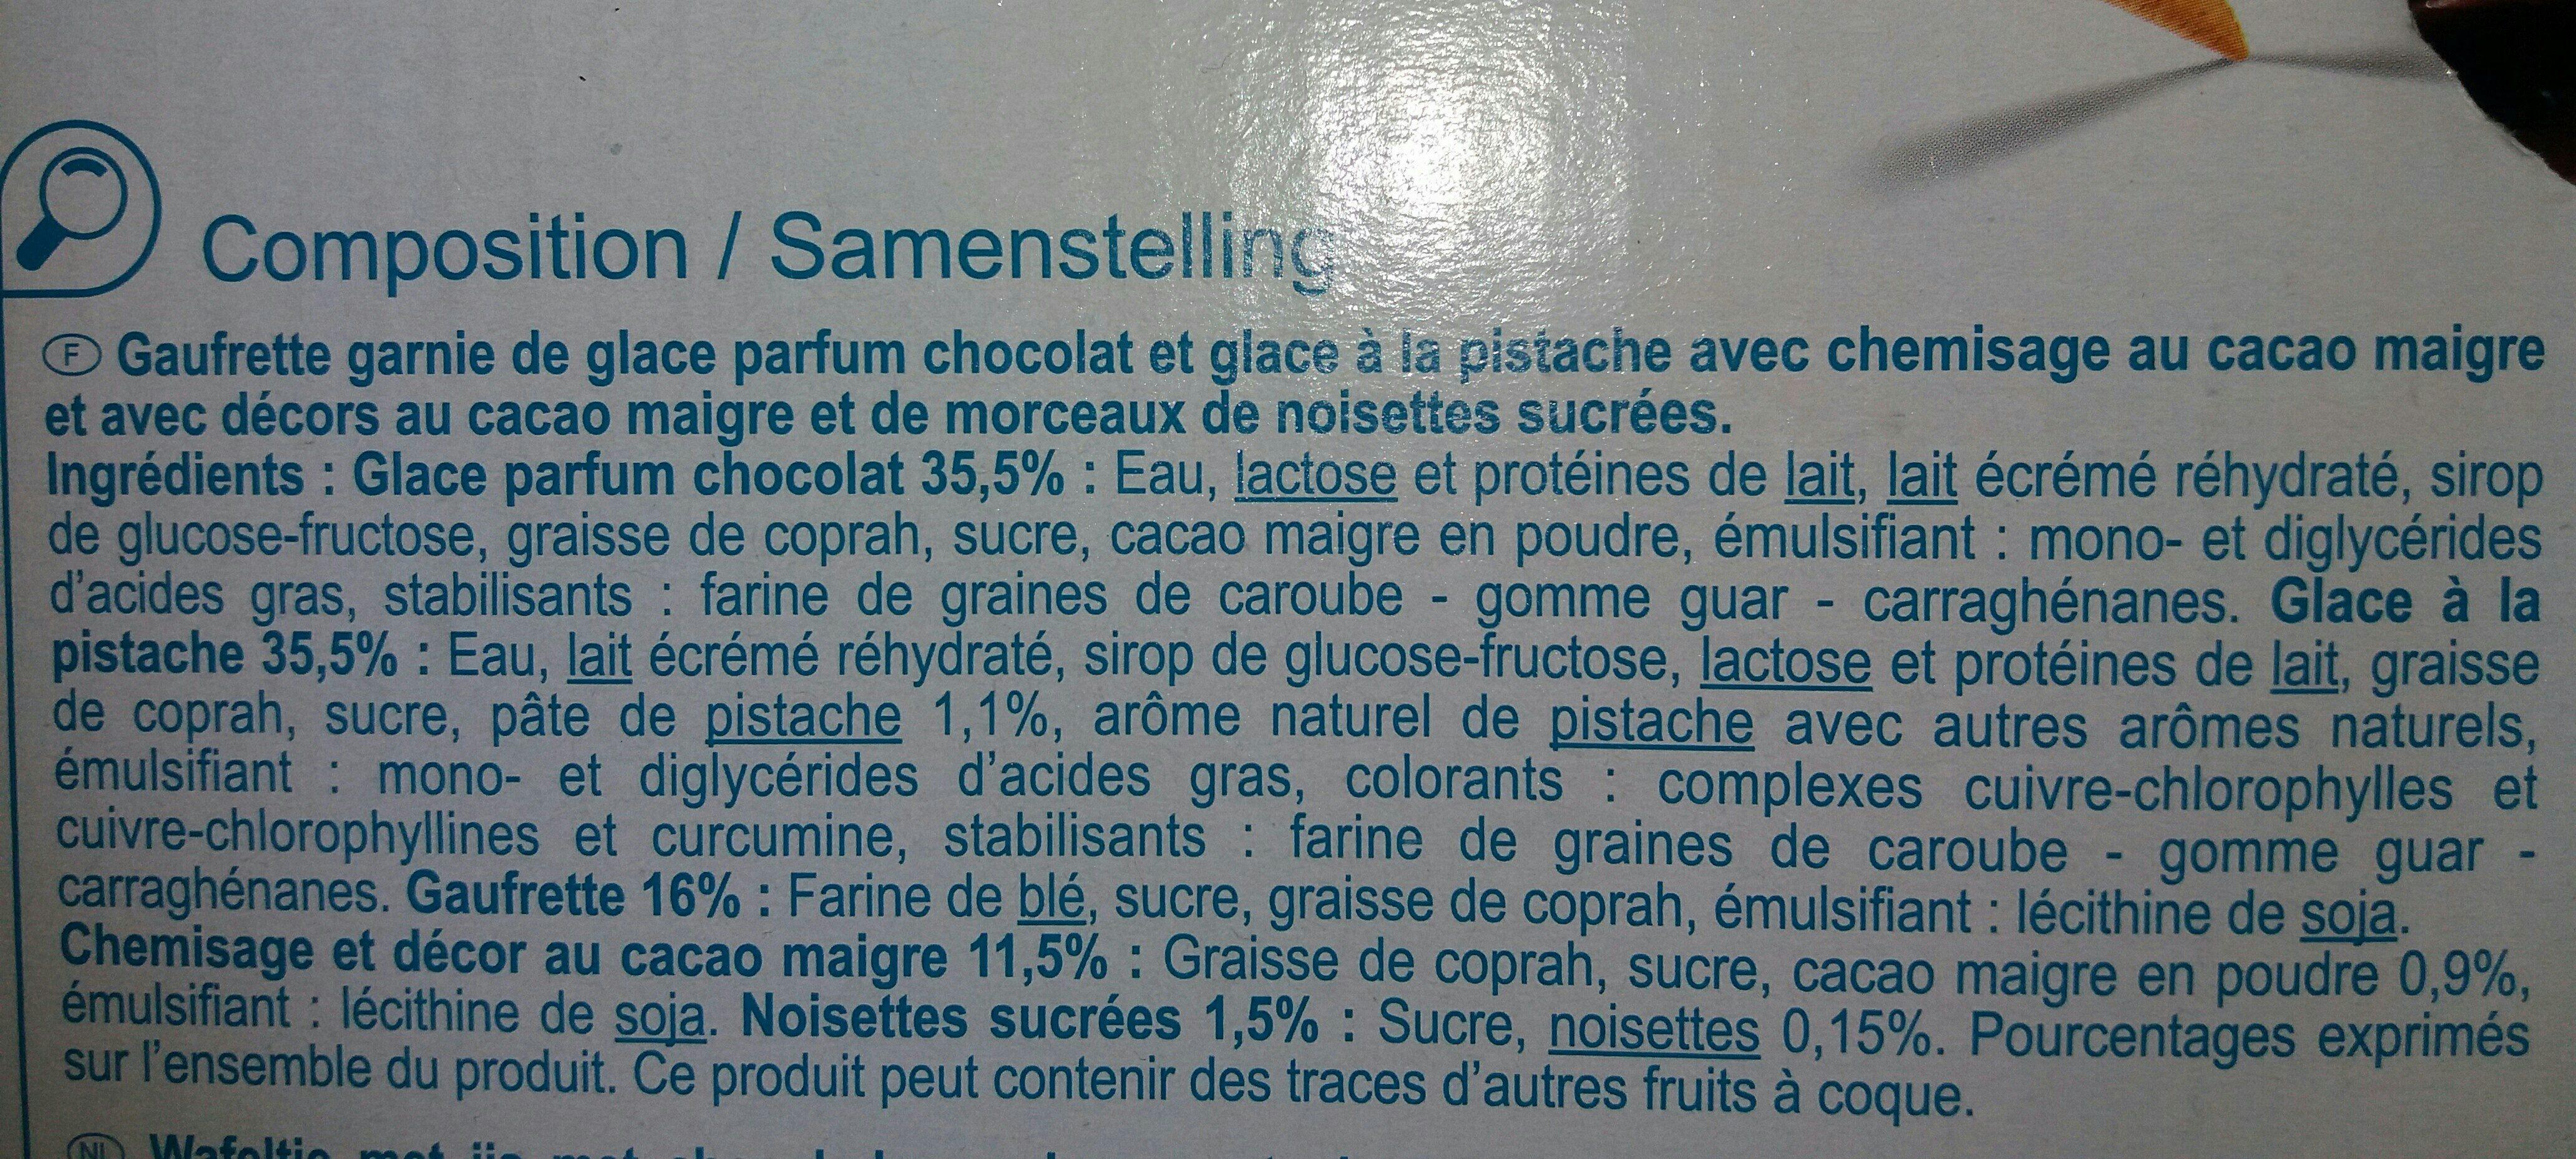 8 Cônes Saveur Chocolat Pistache - Ingrédients